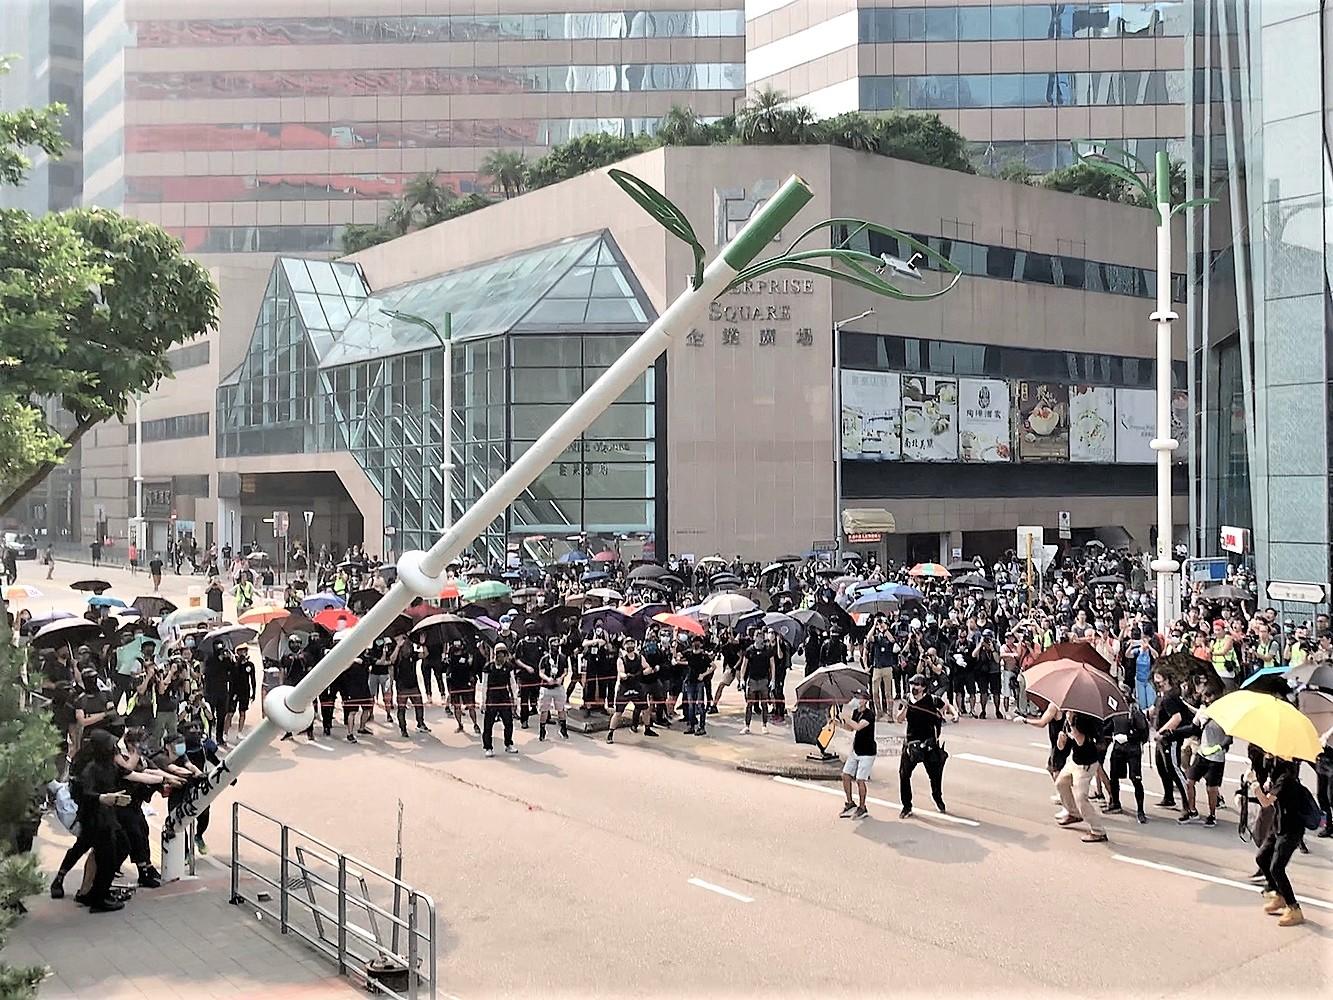 有示威者上月24日拆毀觀塘區多個智慧燈柱。資料圖片